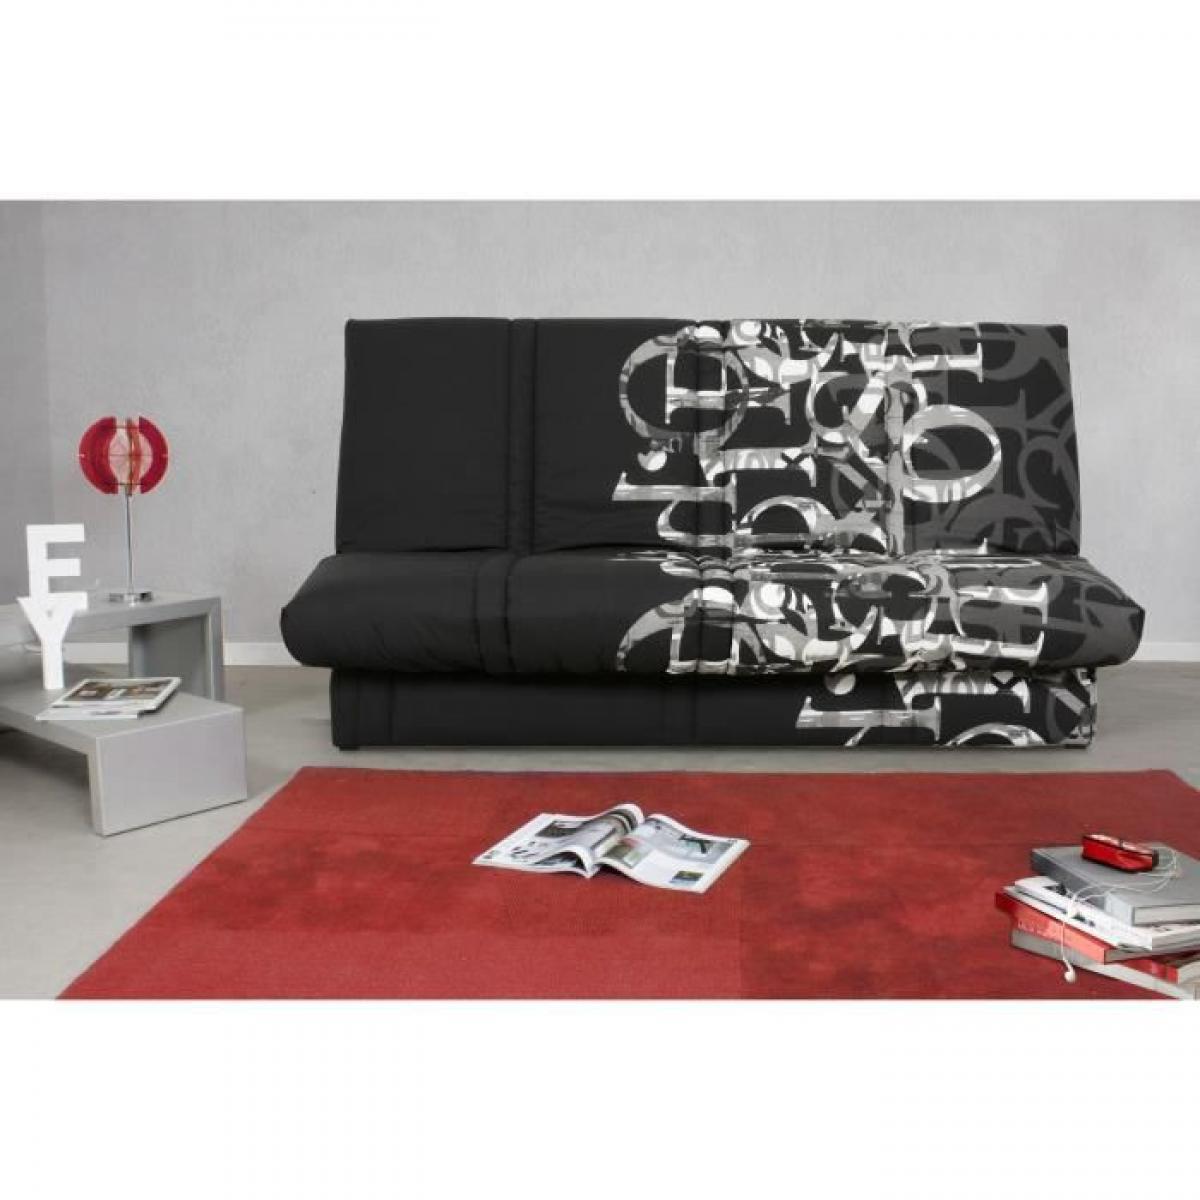 Sans Marque Banquette clic clac 120 x 190 cm - Tissu noir et blanc - L 195 x P 90 x H 84 cm - RANDY